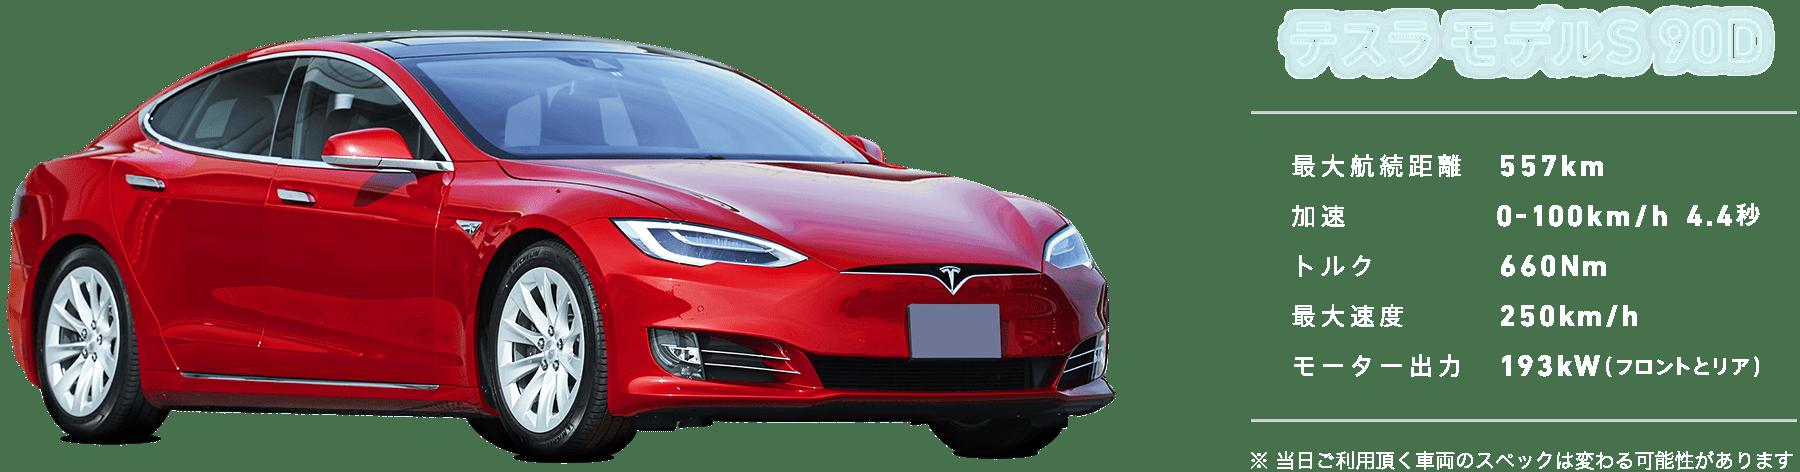 テスラ モデル S(90D) 最大航続距離557km 加速100km/4.4秒 トルク660Nm 最大速度250km/h モーター出力193kW(フロントとリア) ※ 当日ご利用頂く車両のスペックは変わる可能性があります